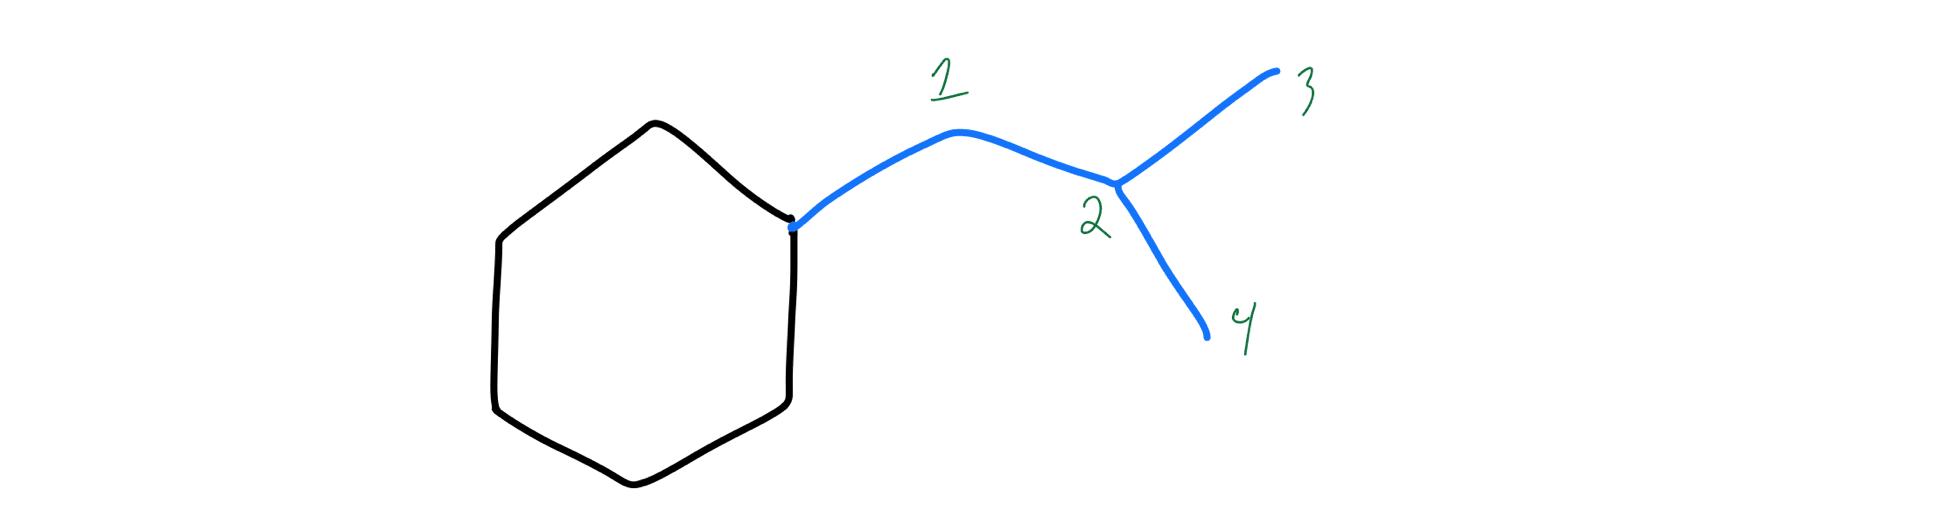 Isobutyl